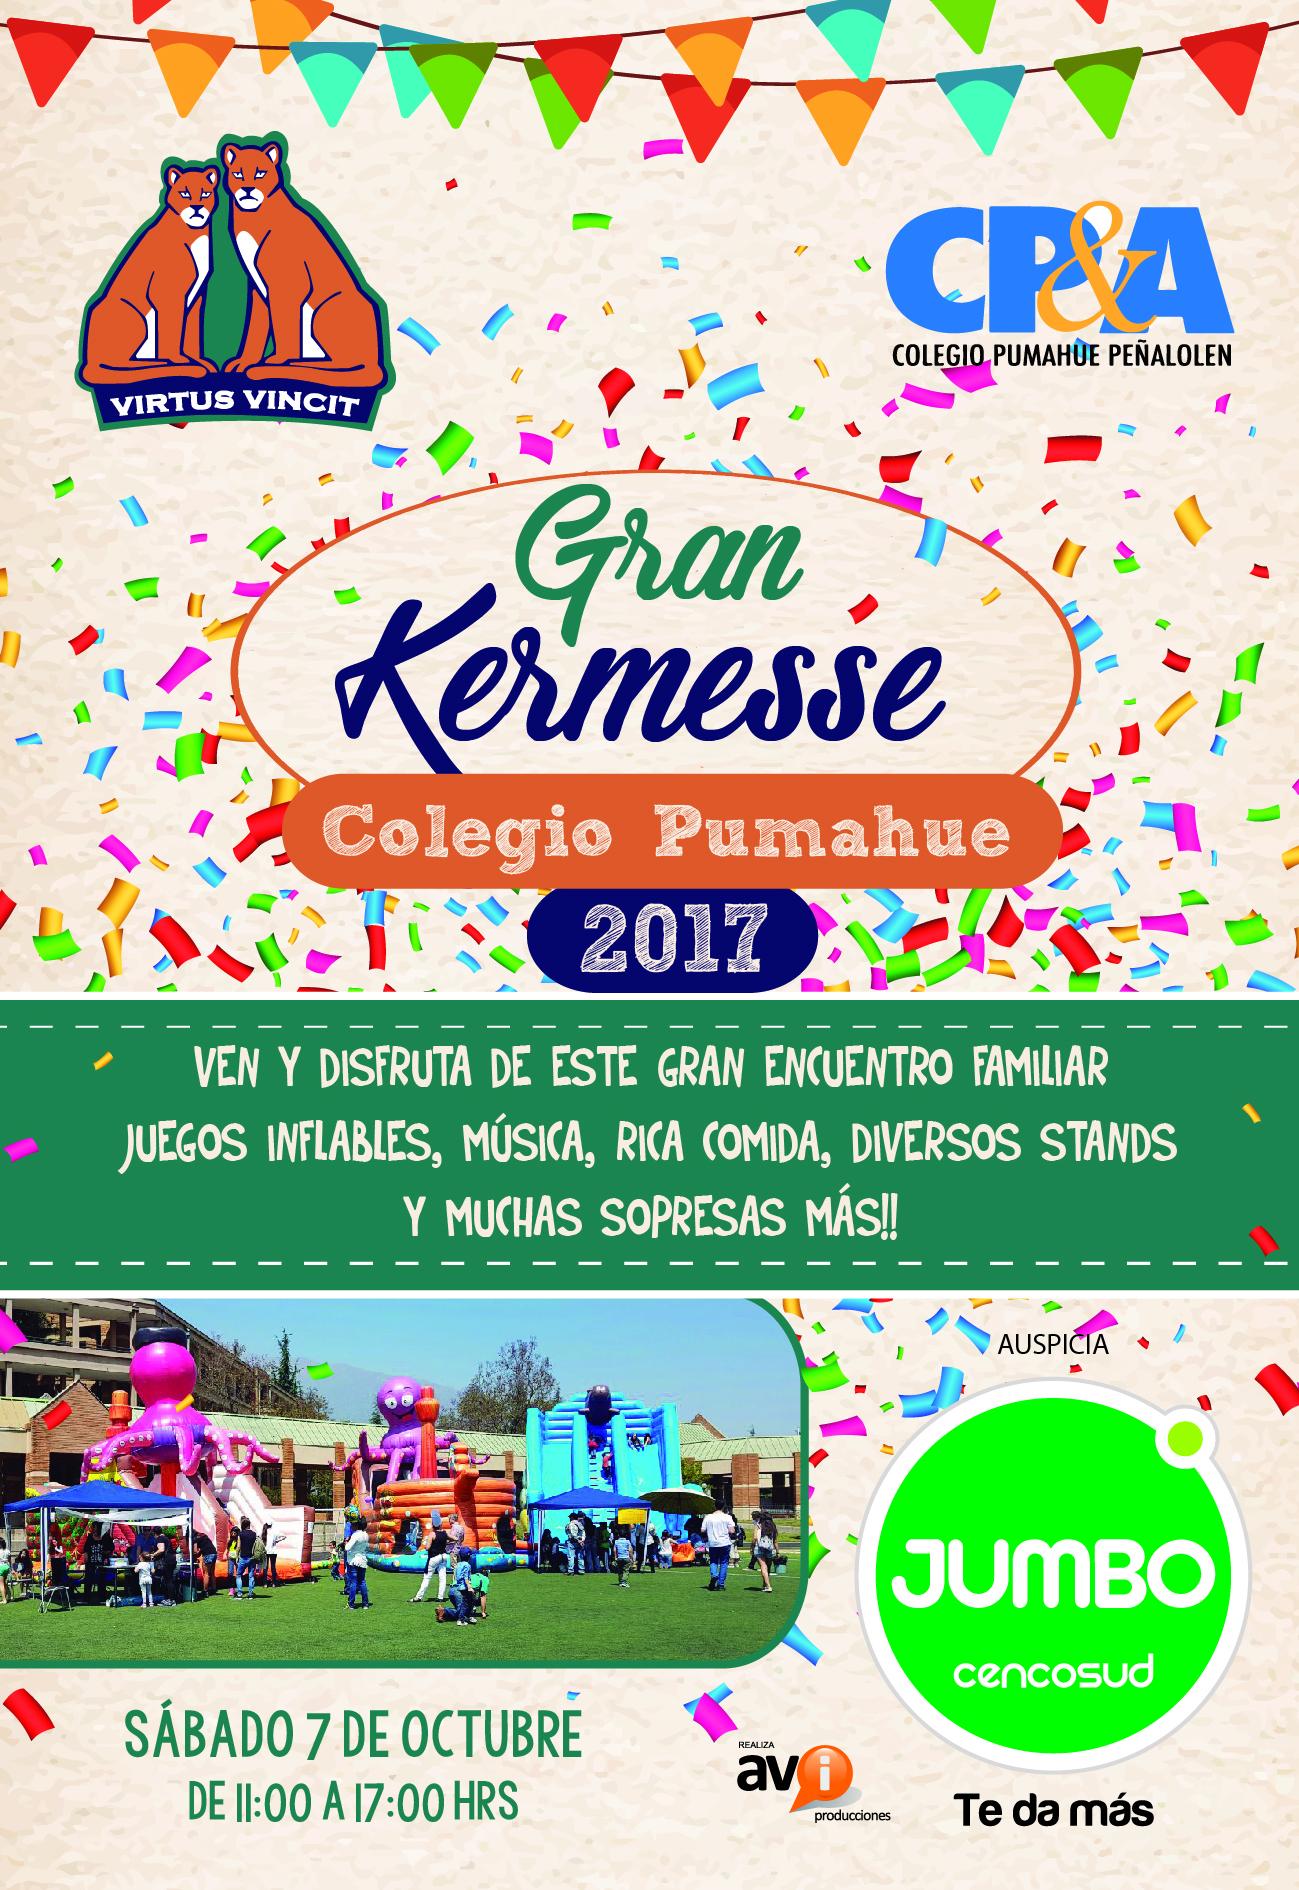 Invitacion Kermesse 2017 Colegio Pumahue Penalolen